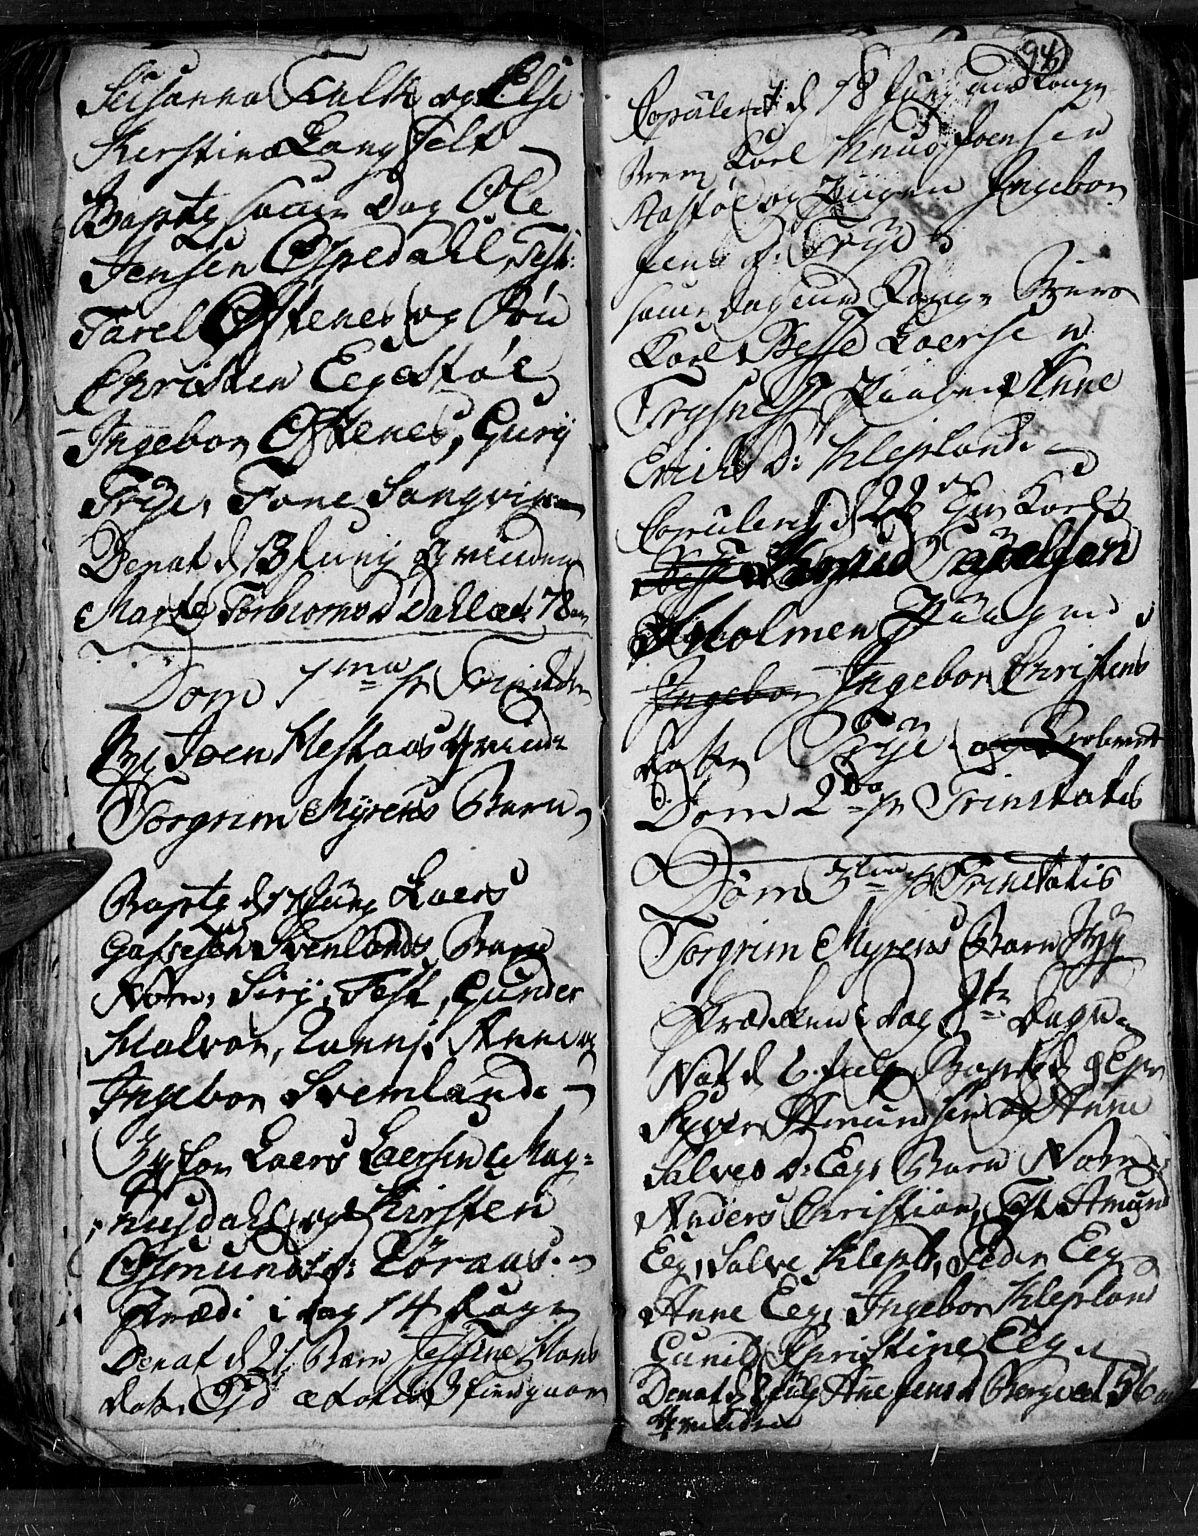 SAK, Søgne sokneprestkontor, F/Fb/Fbb/L0001: Klokkerbok nr. B 1, 1779-1802, s. 94